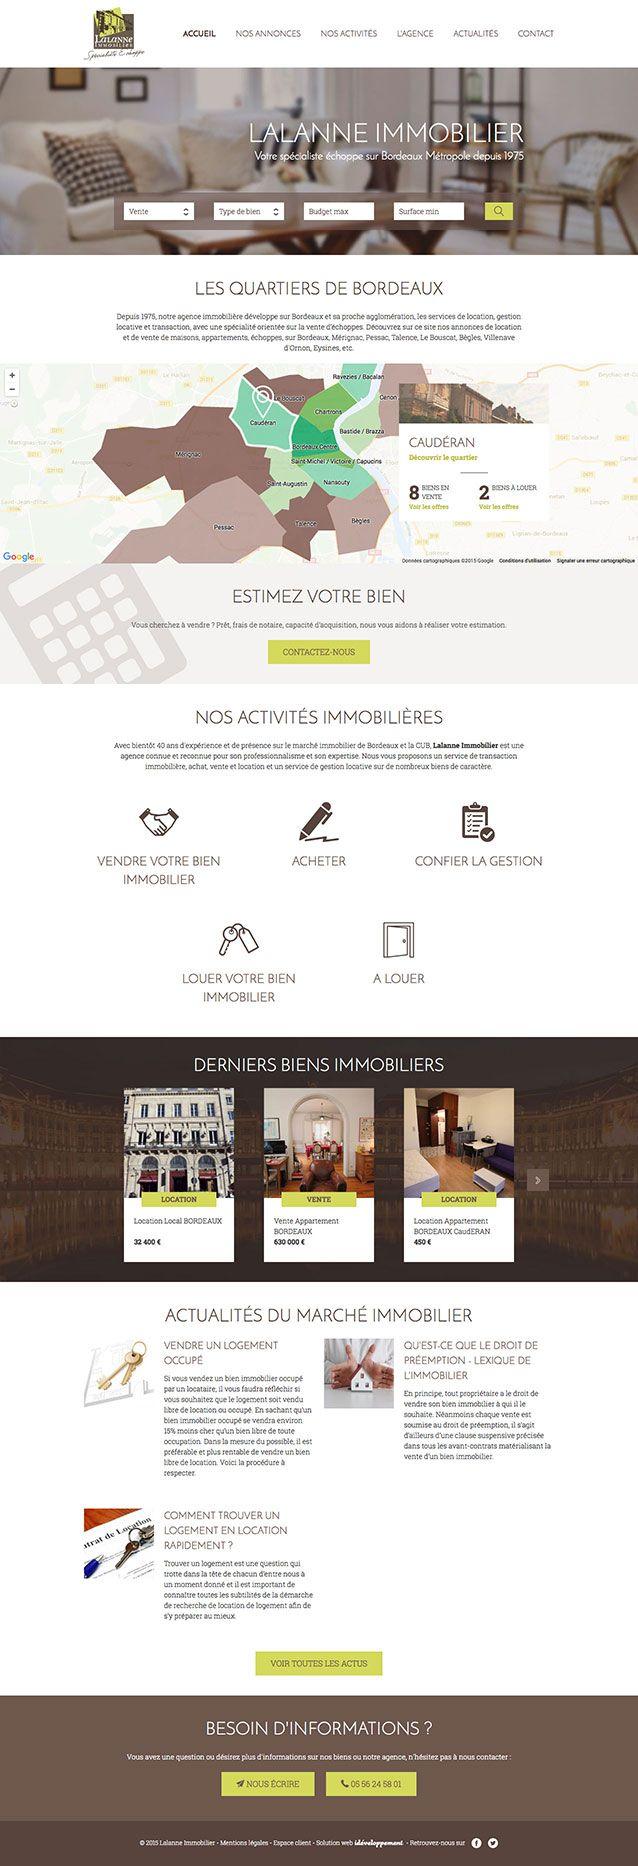 Lalanne Immobilier - idéveloppement : création de site internet bordeaux #webdesign #frontend #backend